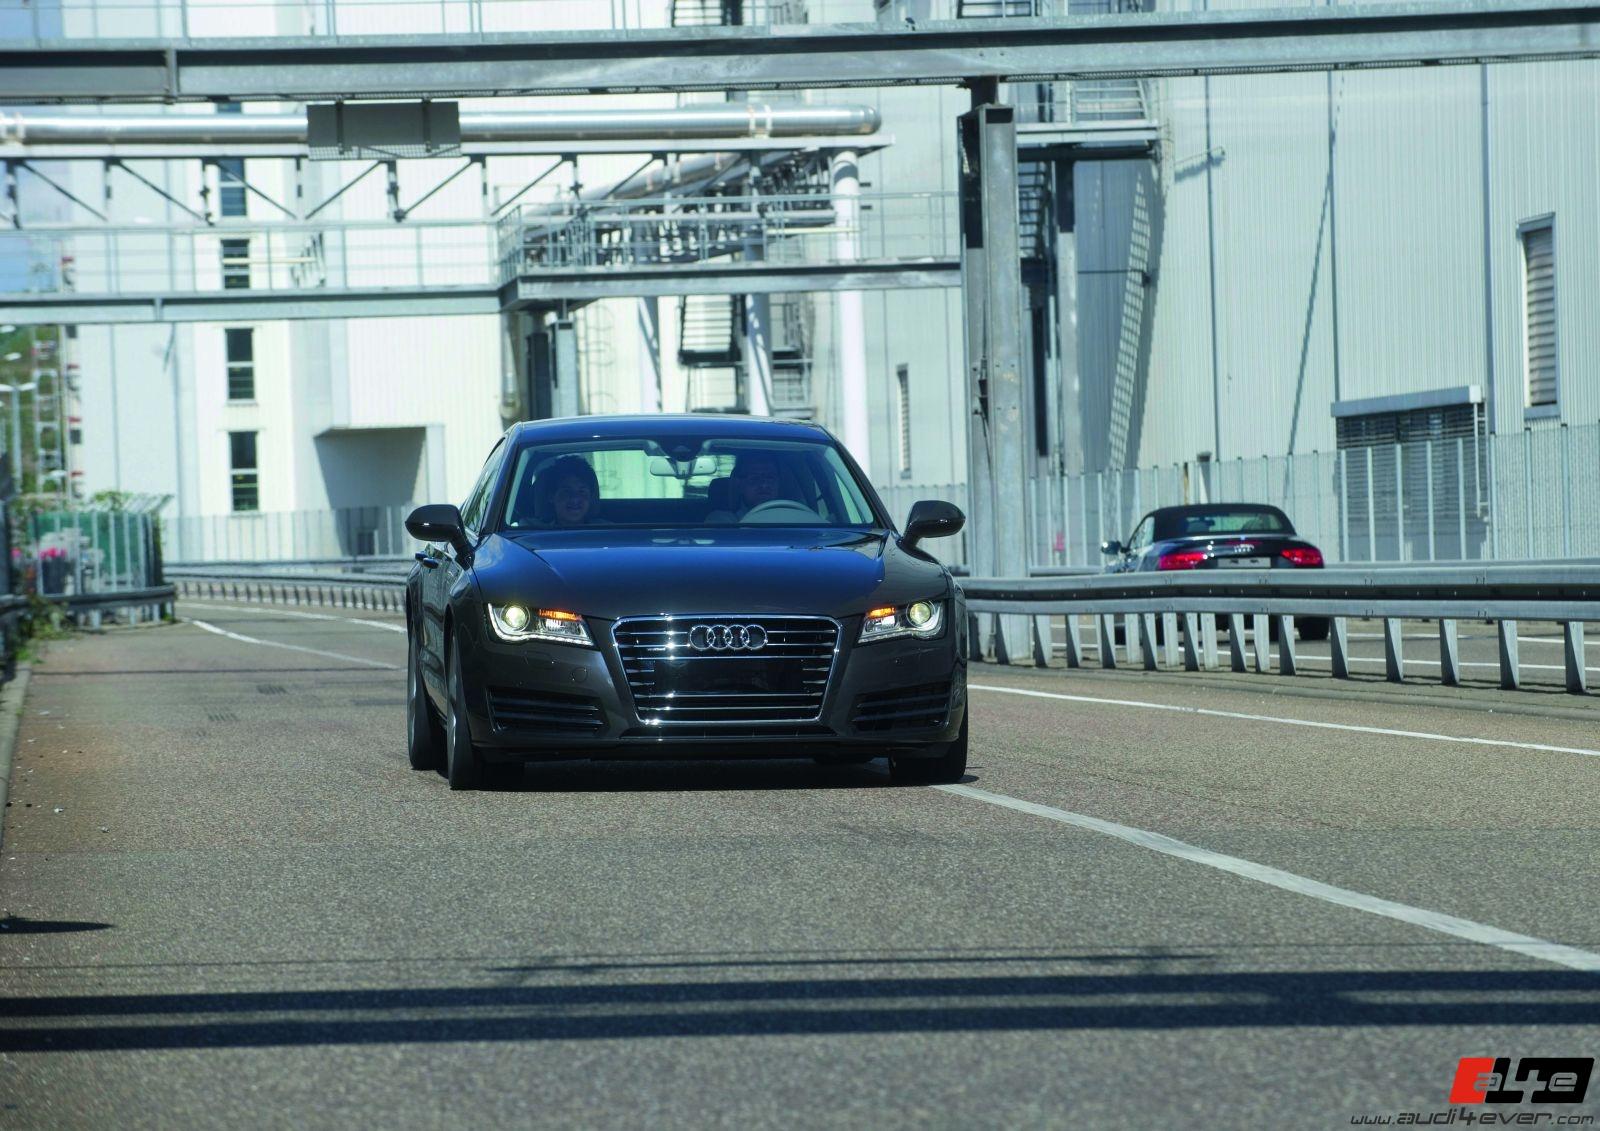 A4e Gallery Audi A7 Sportback Audi A7 Sportback Produktion